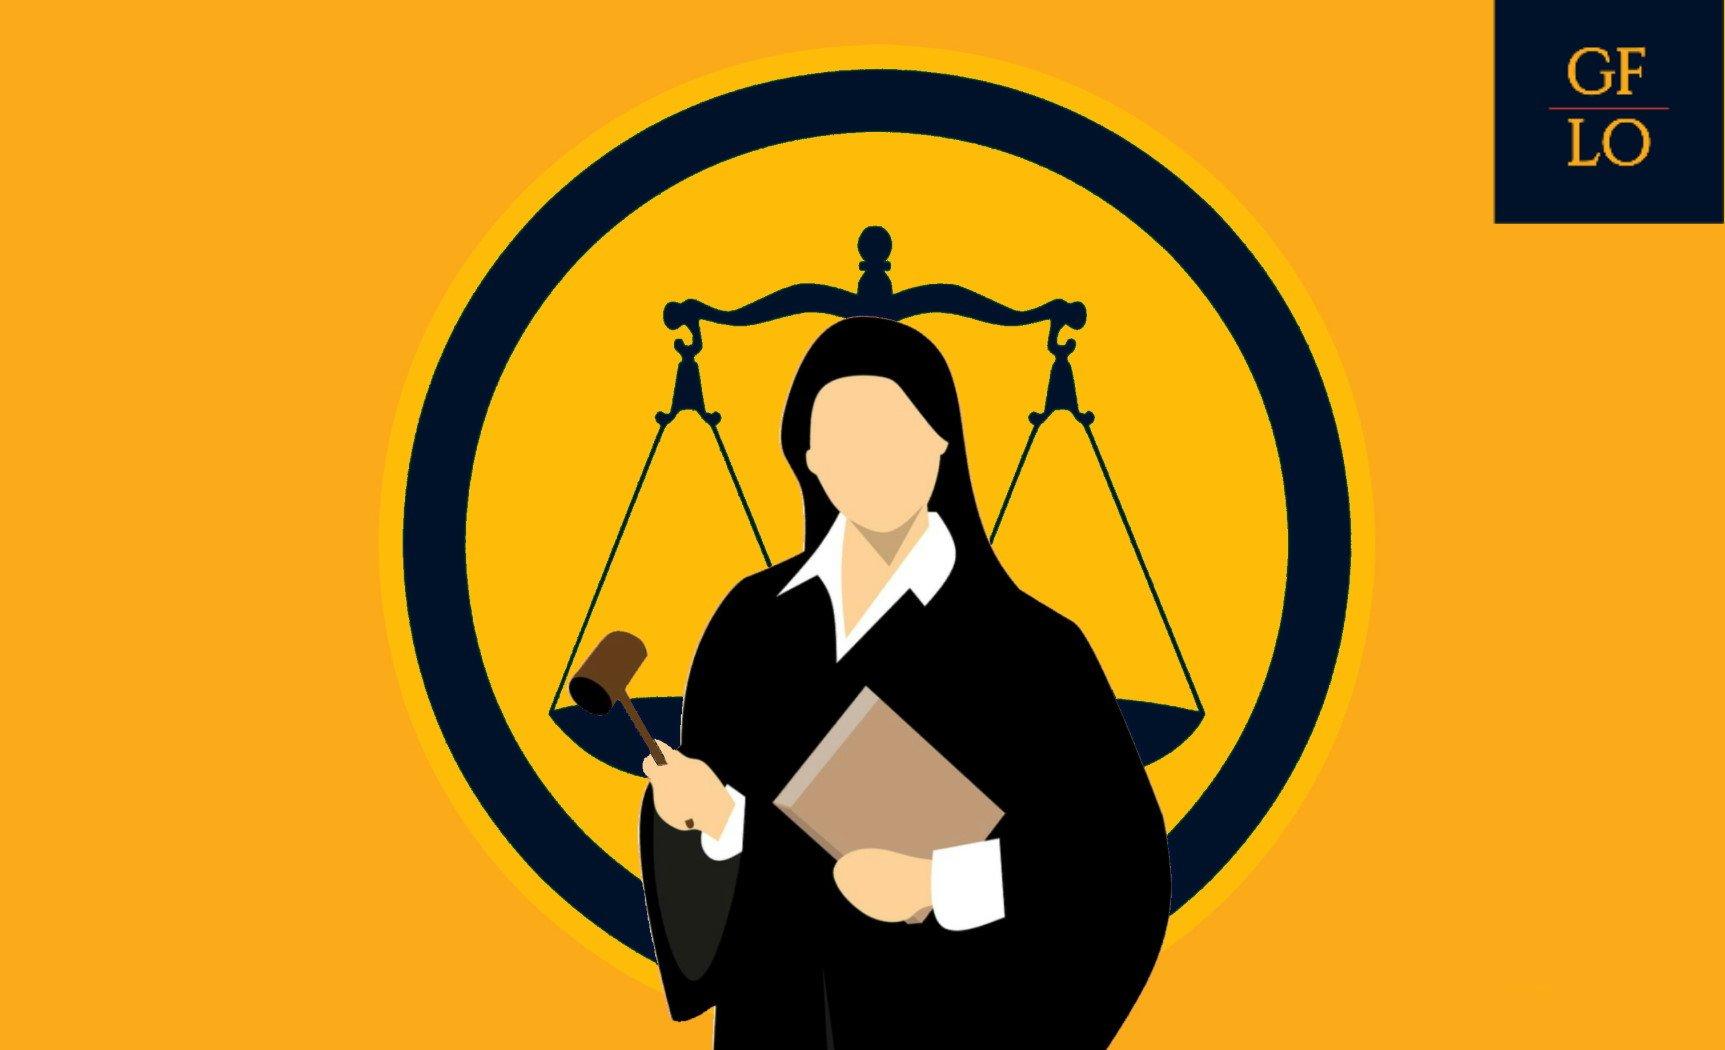 ЕСПЧ: что такое Европейский суд по правам человека?